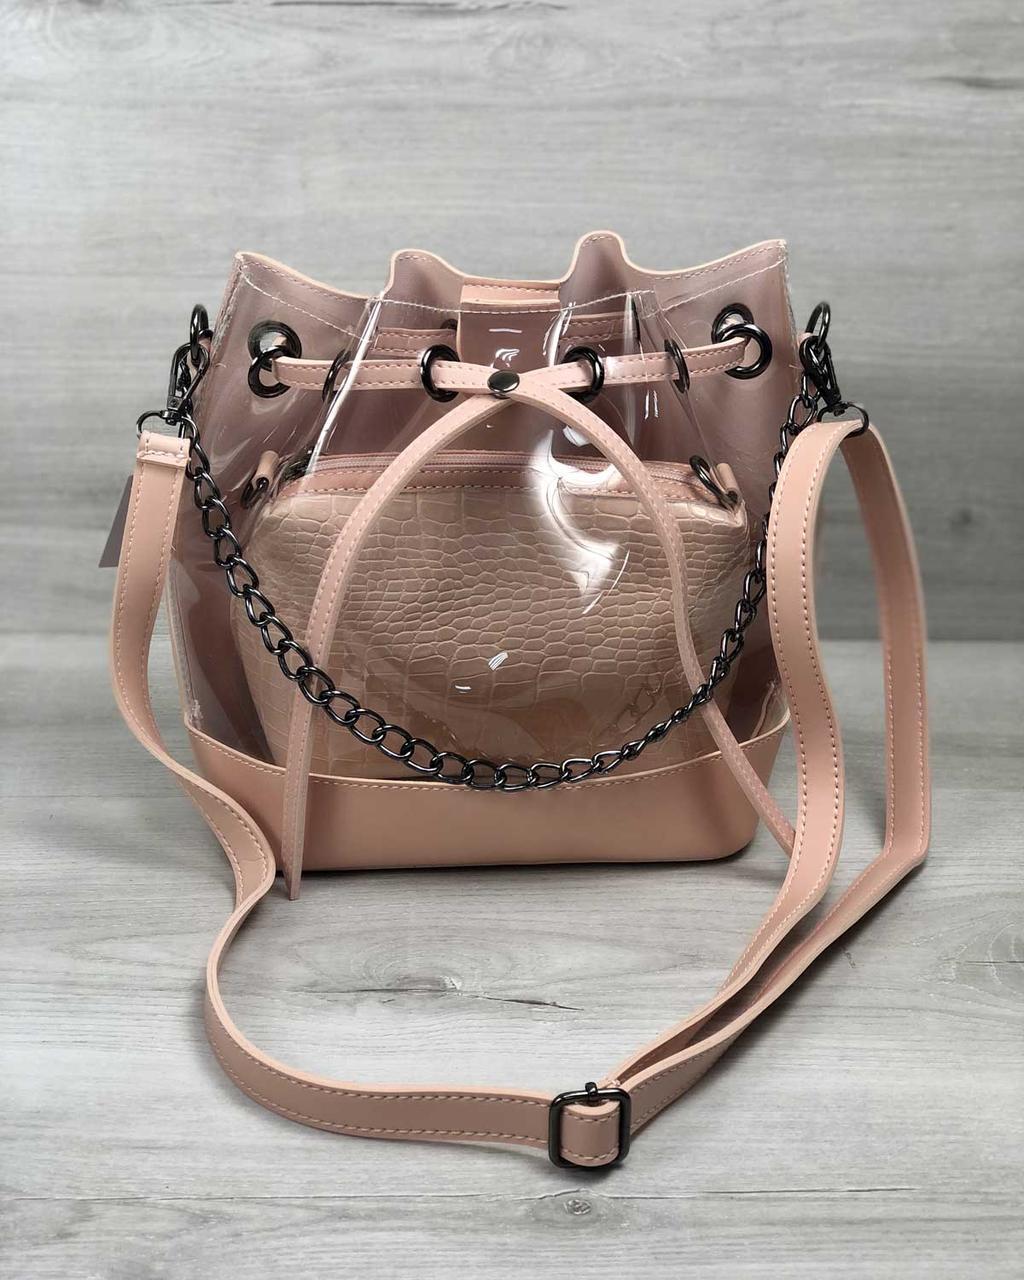 Стильная женская сумка мешок розового цвета с косметичкой силиконовая